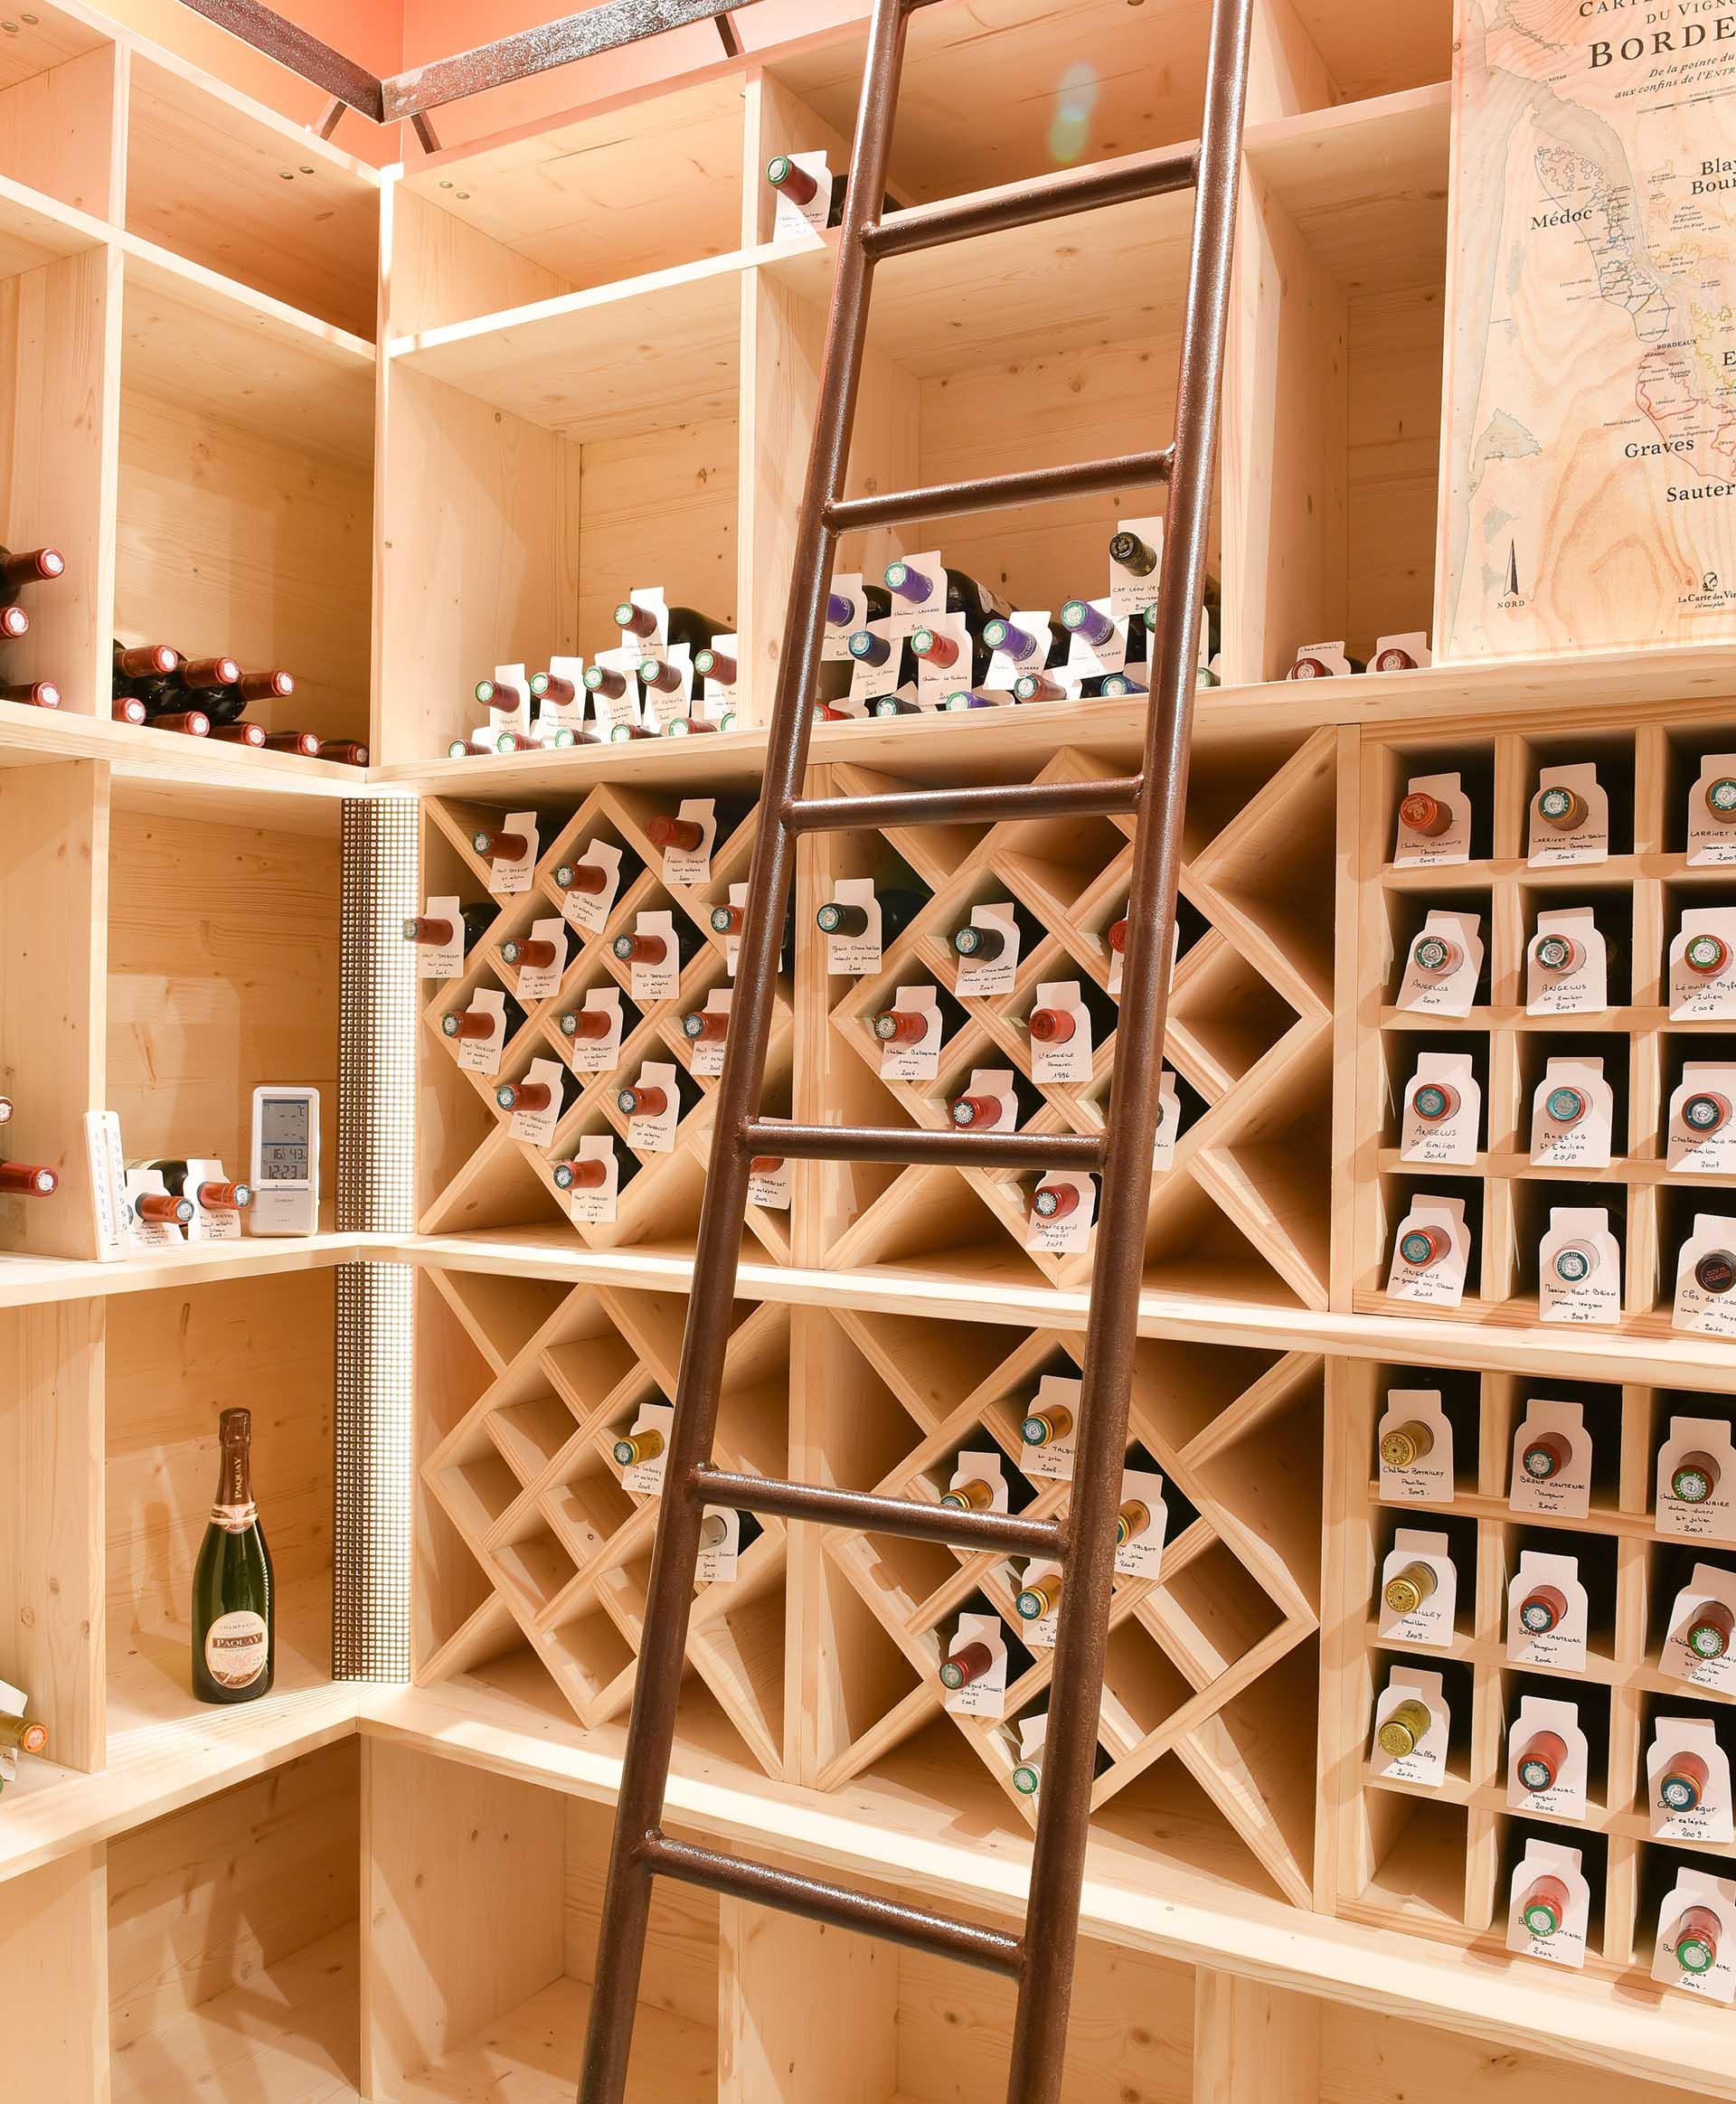 Réalisation d'une cave à vins sur mesure